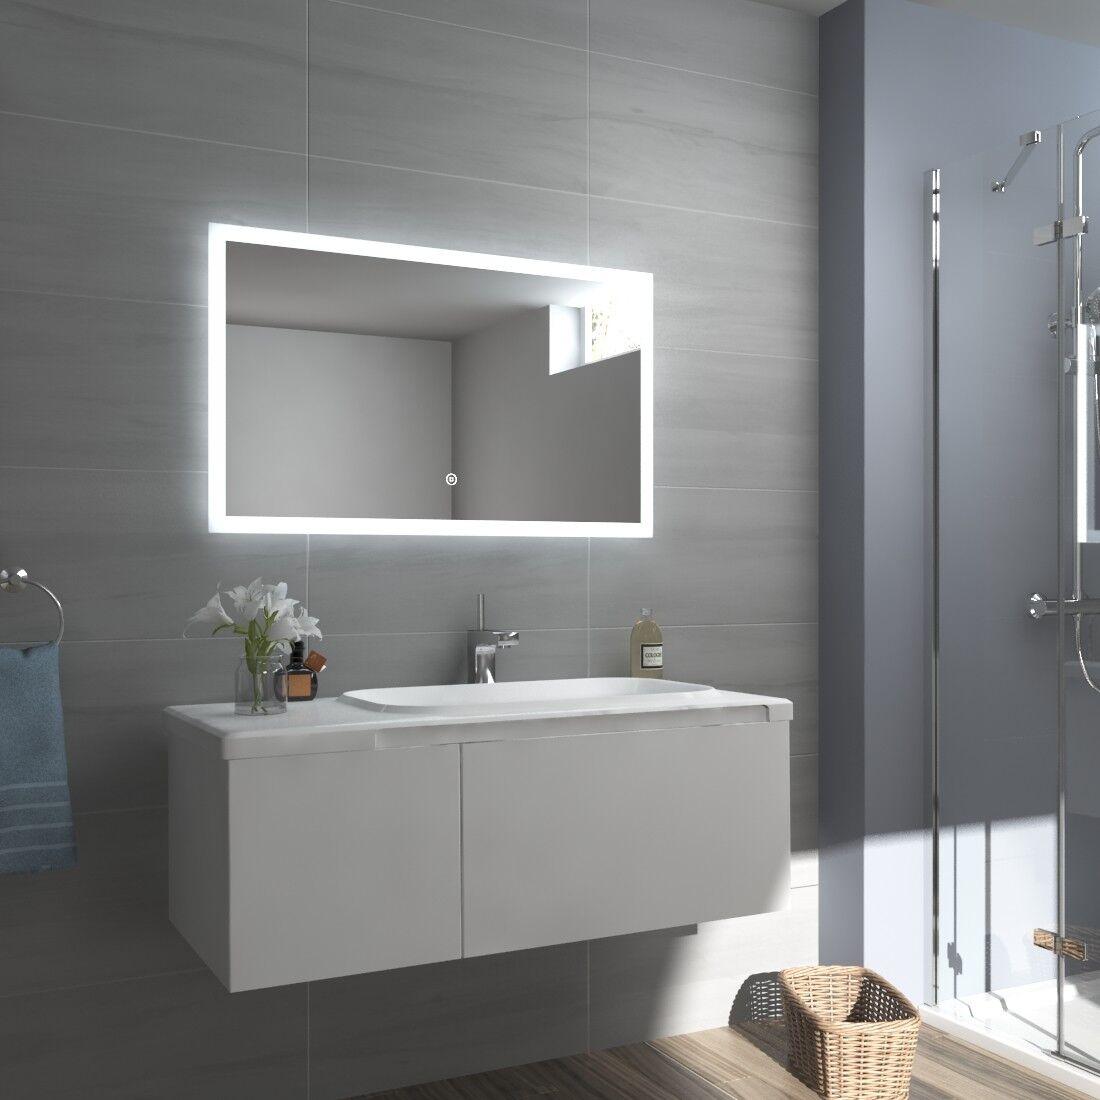 Lichtspiegel Badspiegel LED 80x60 60x80 Spiegel Badezimmerspiegel Wandspiegel